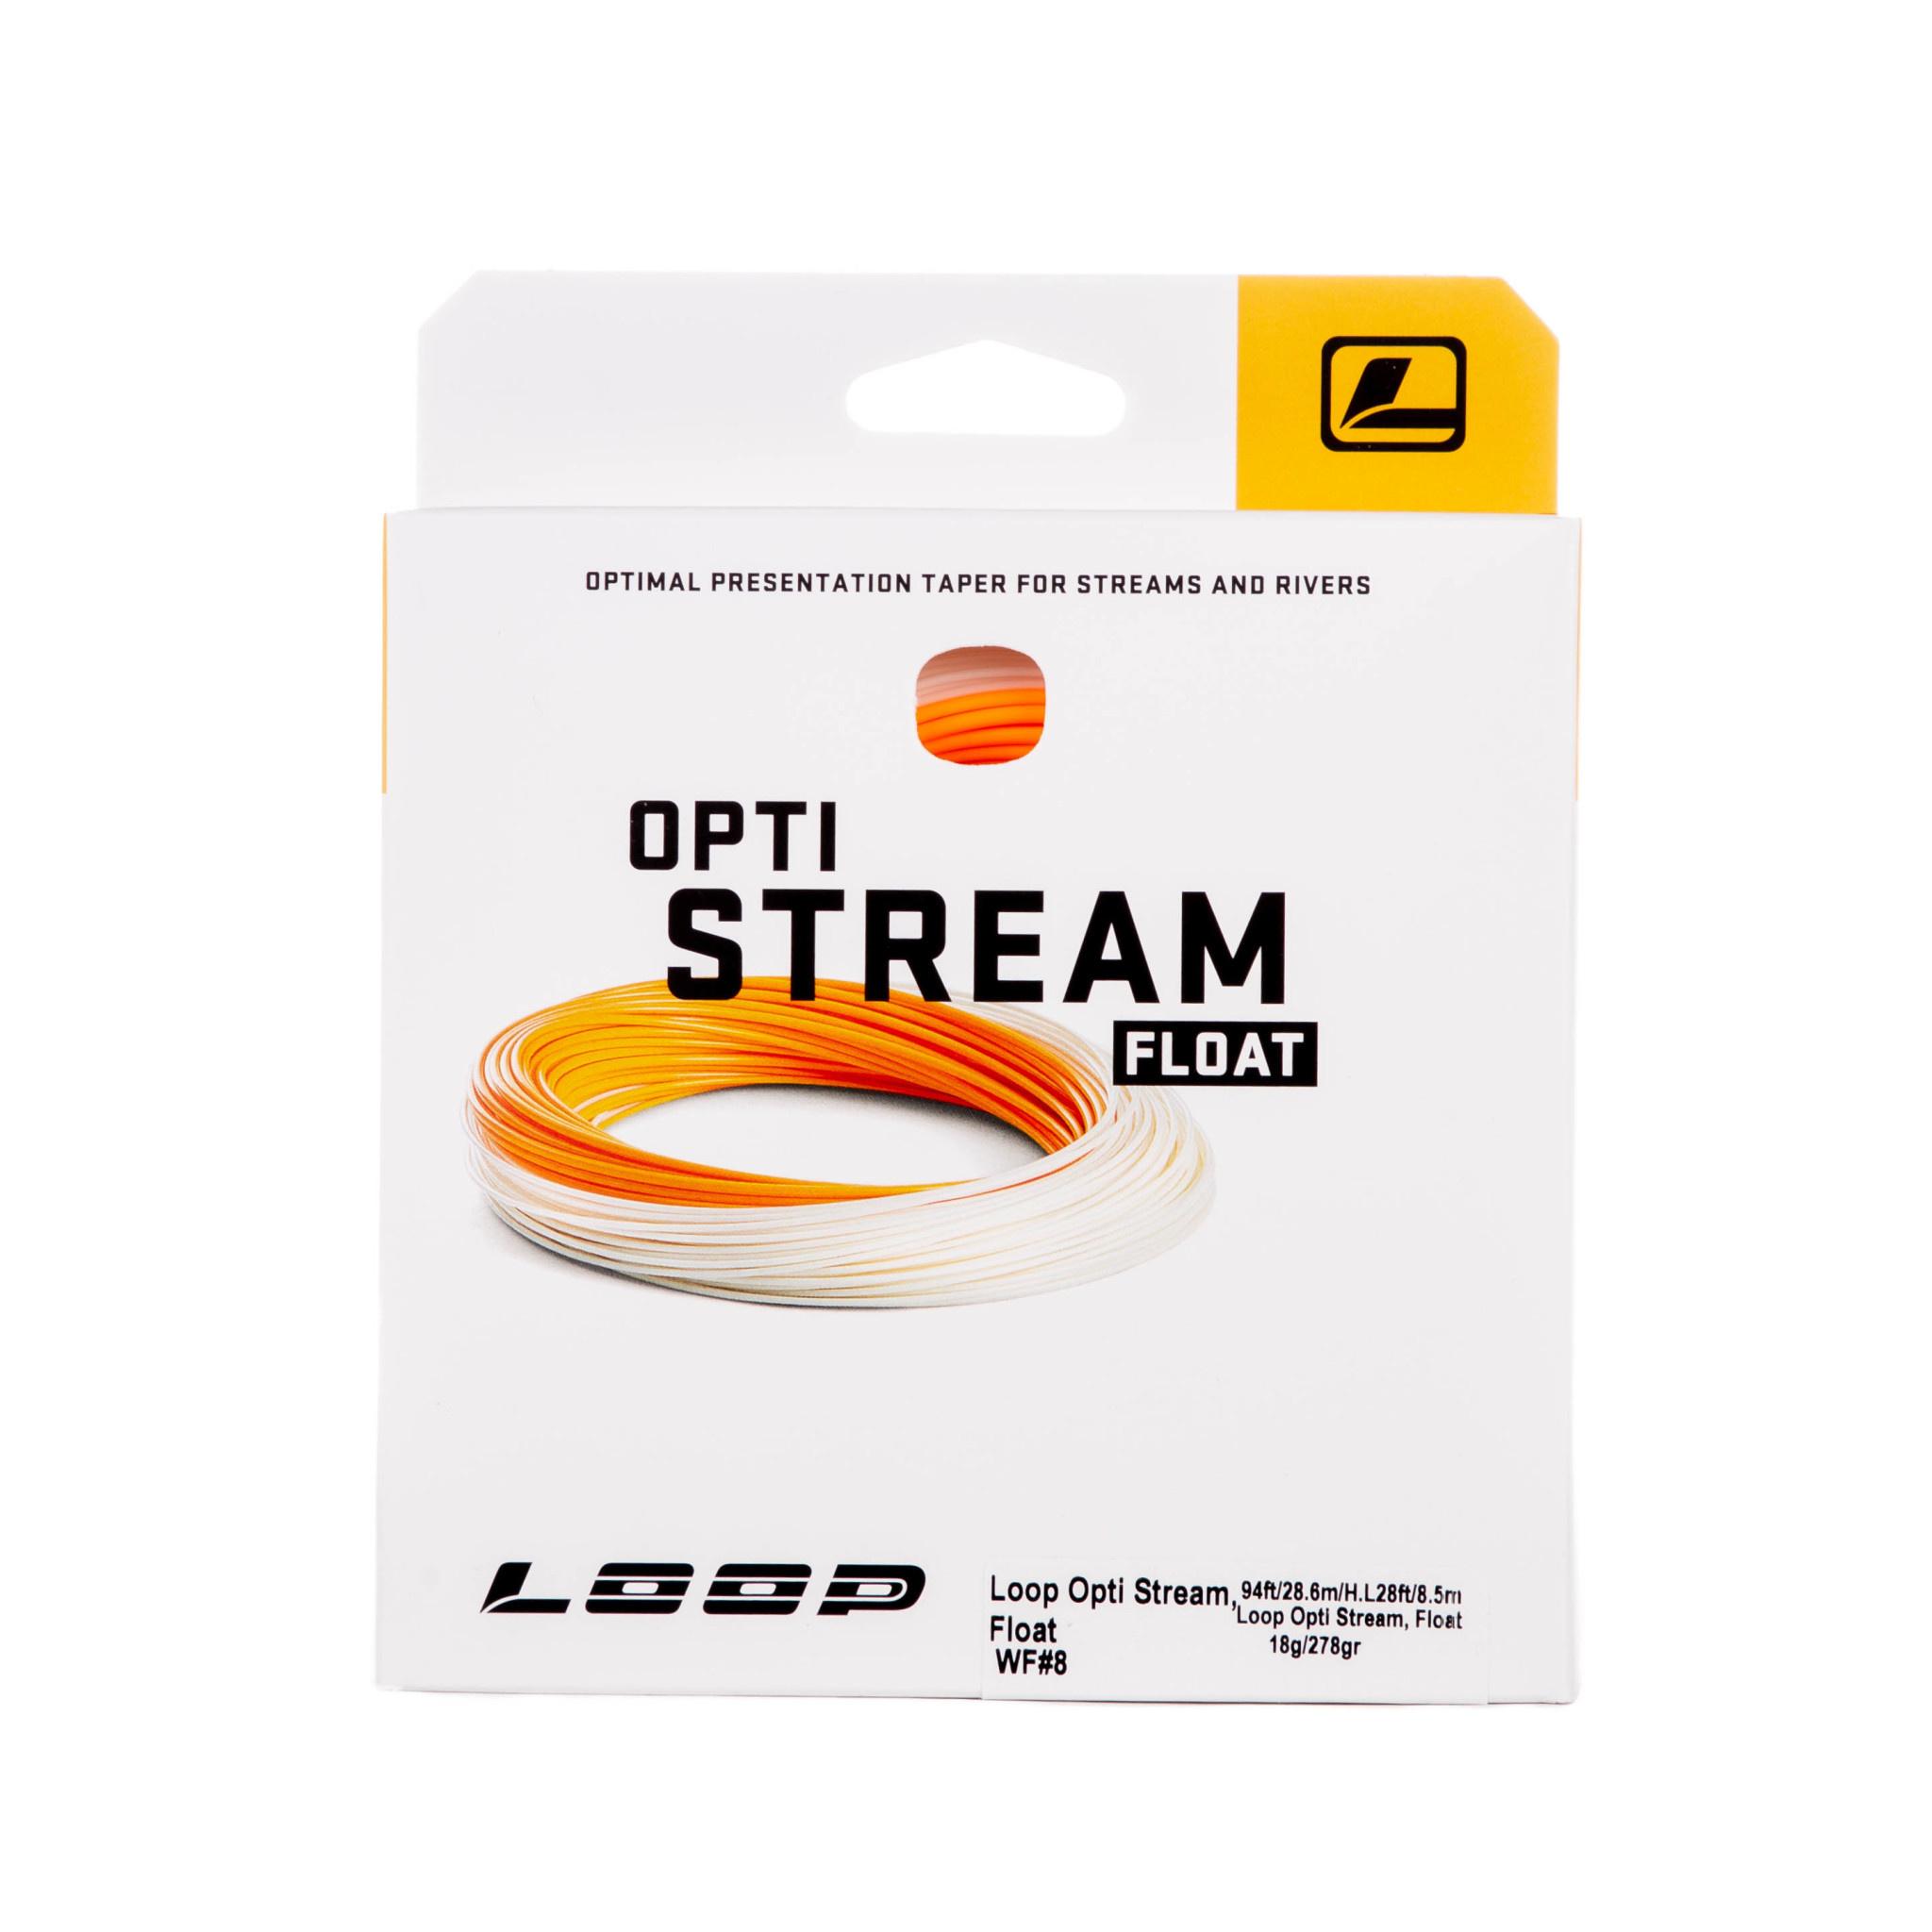 Opti Stream Float